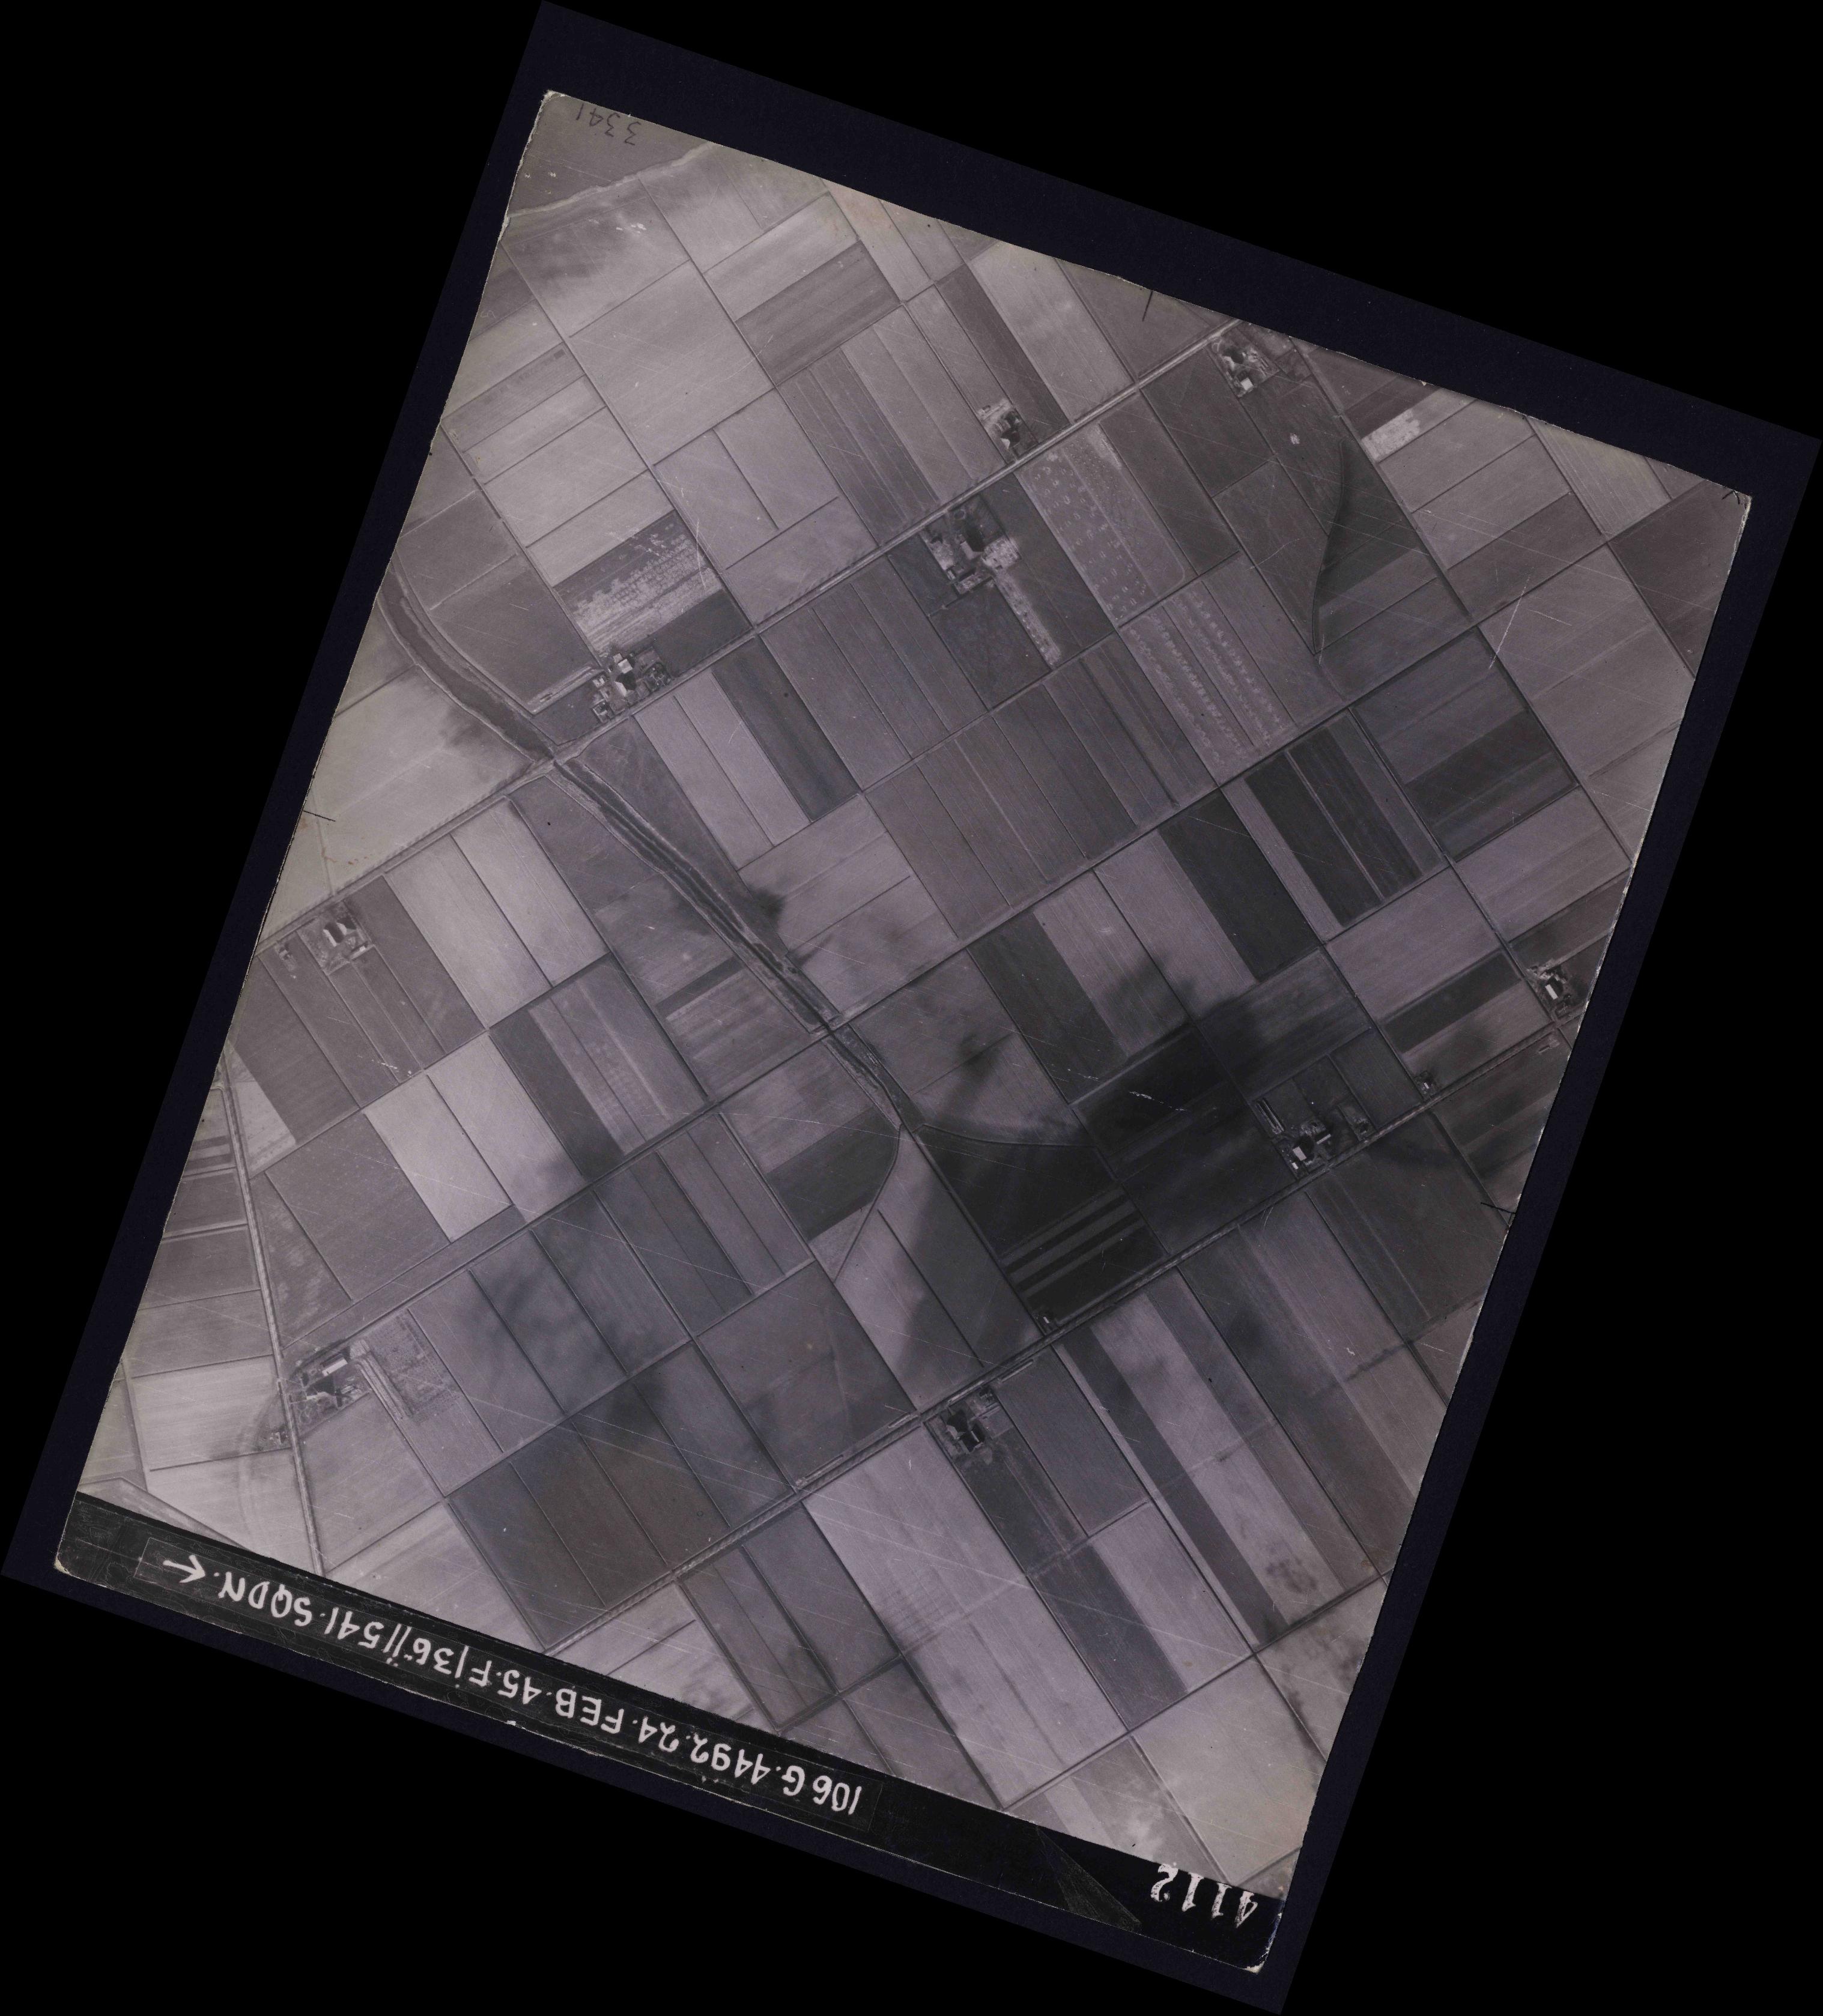 Collection RAF aerial photos 1940-1945 - flight 112, run 12, photo 4112